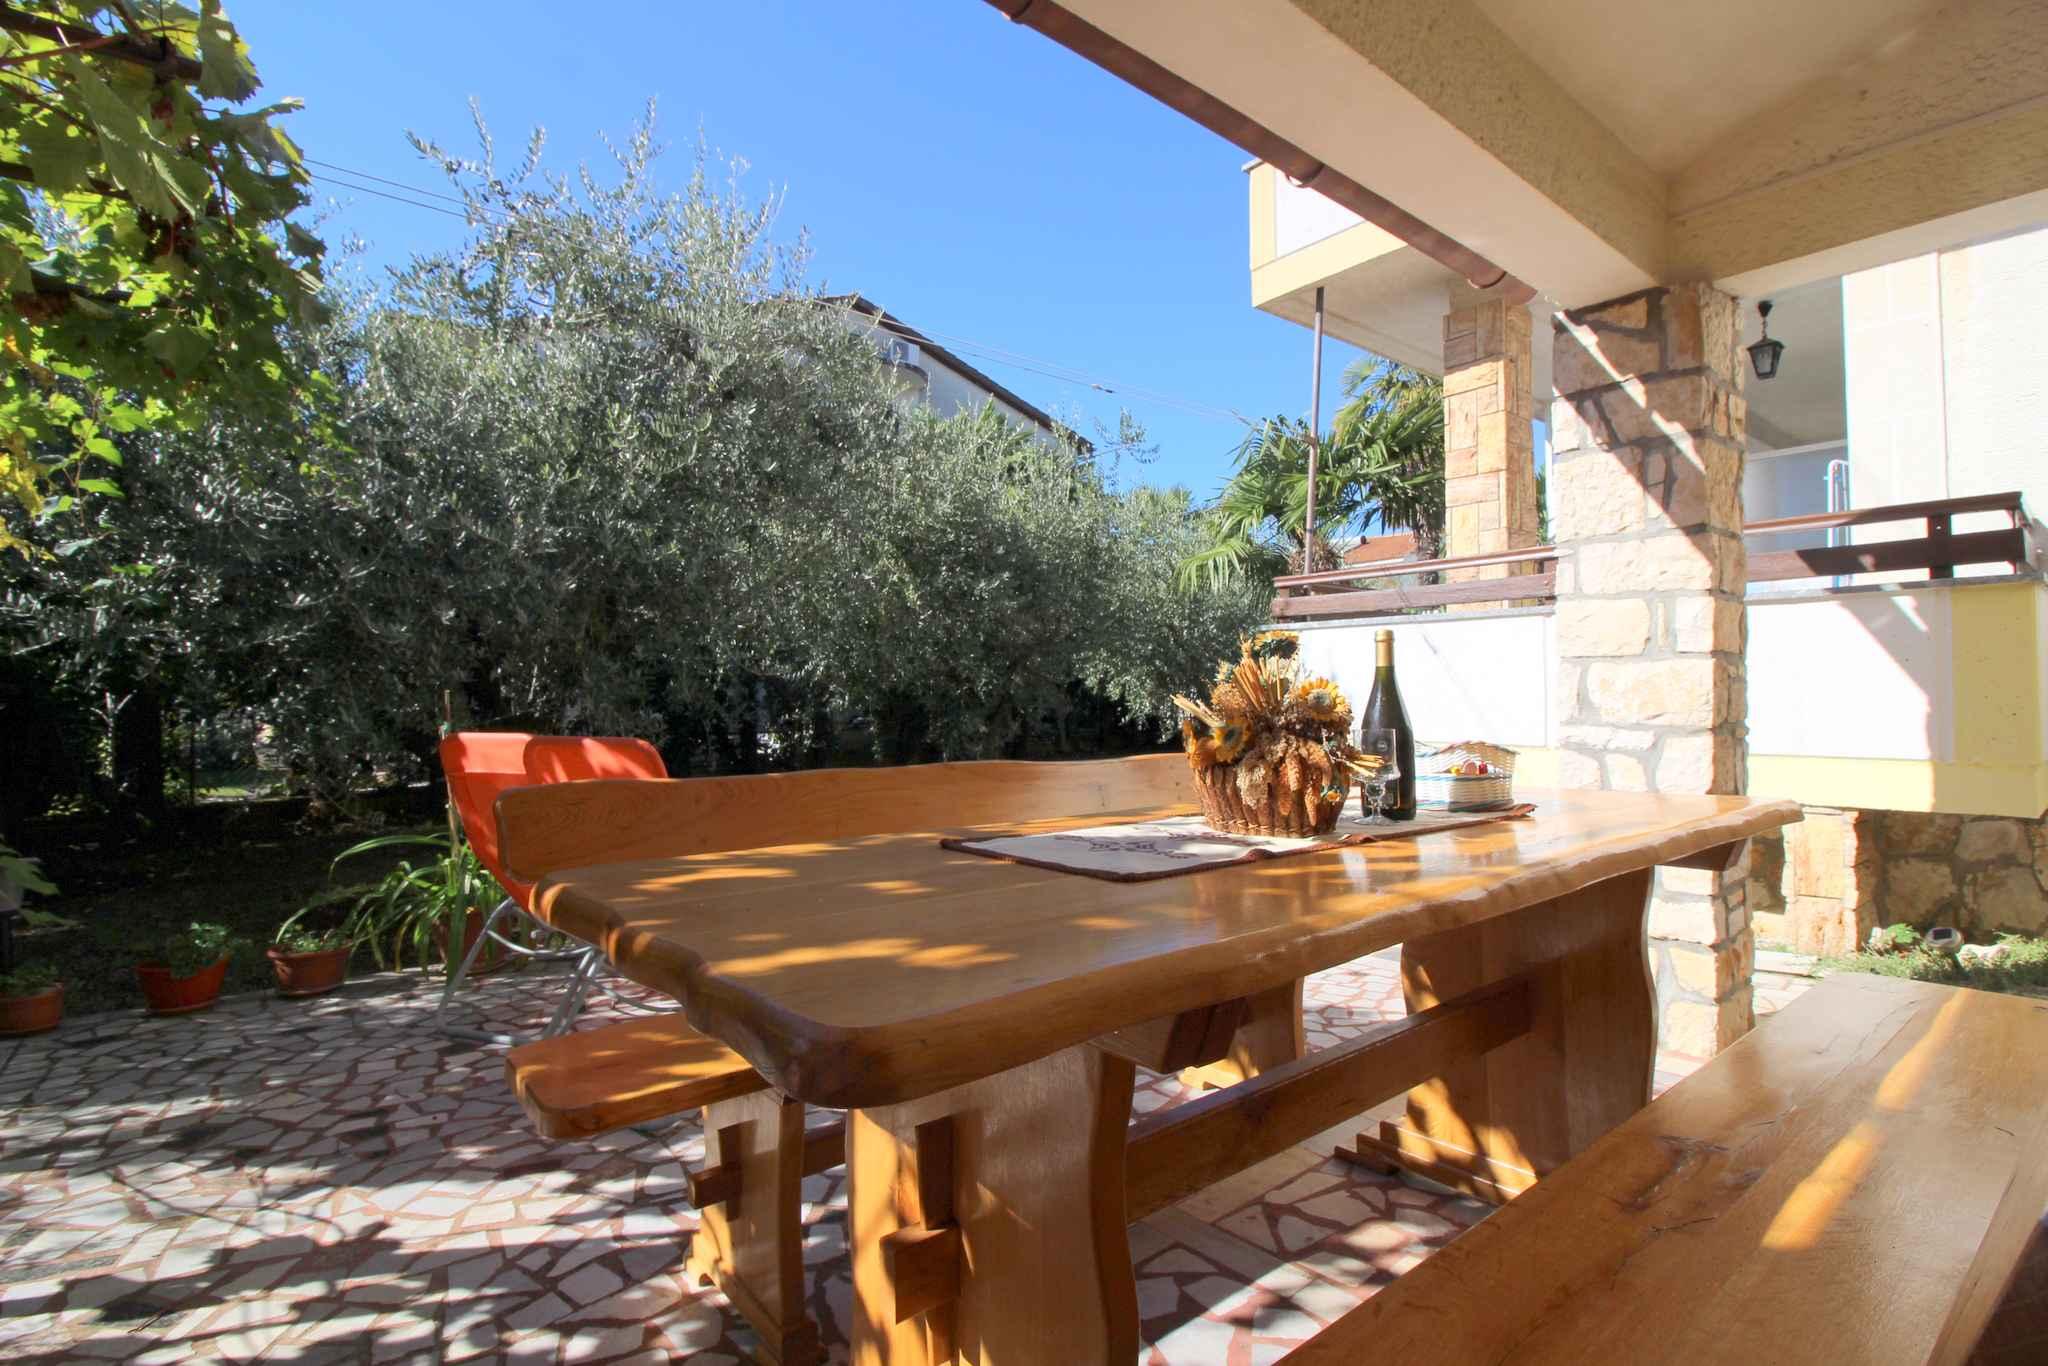 Ferienwohnung mit schönem Garten (280254), Porec, , Istrien, Kroatien, Bild 4